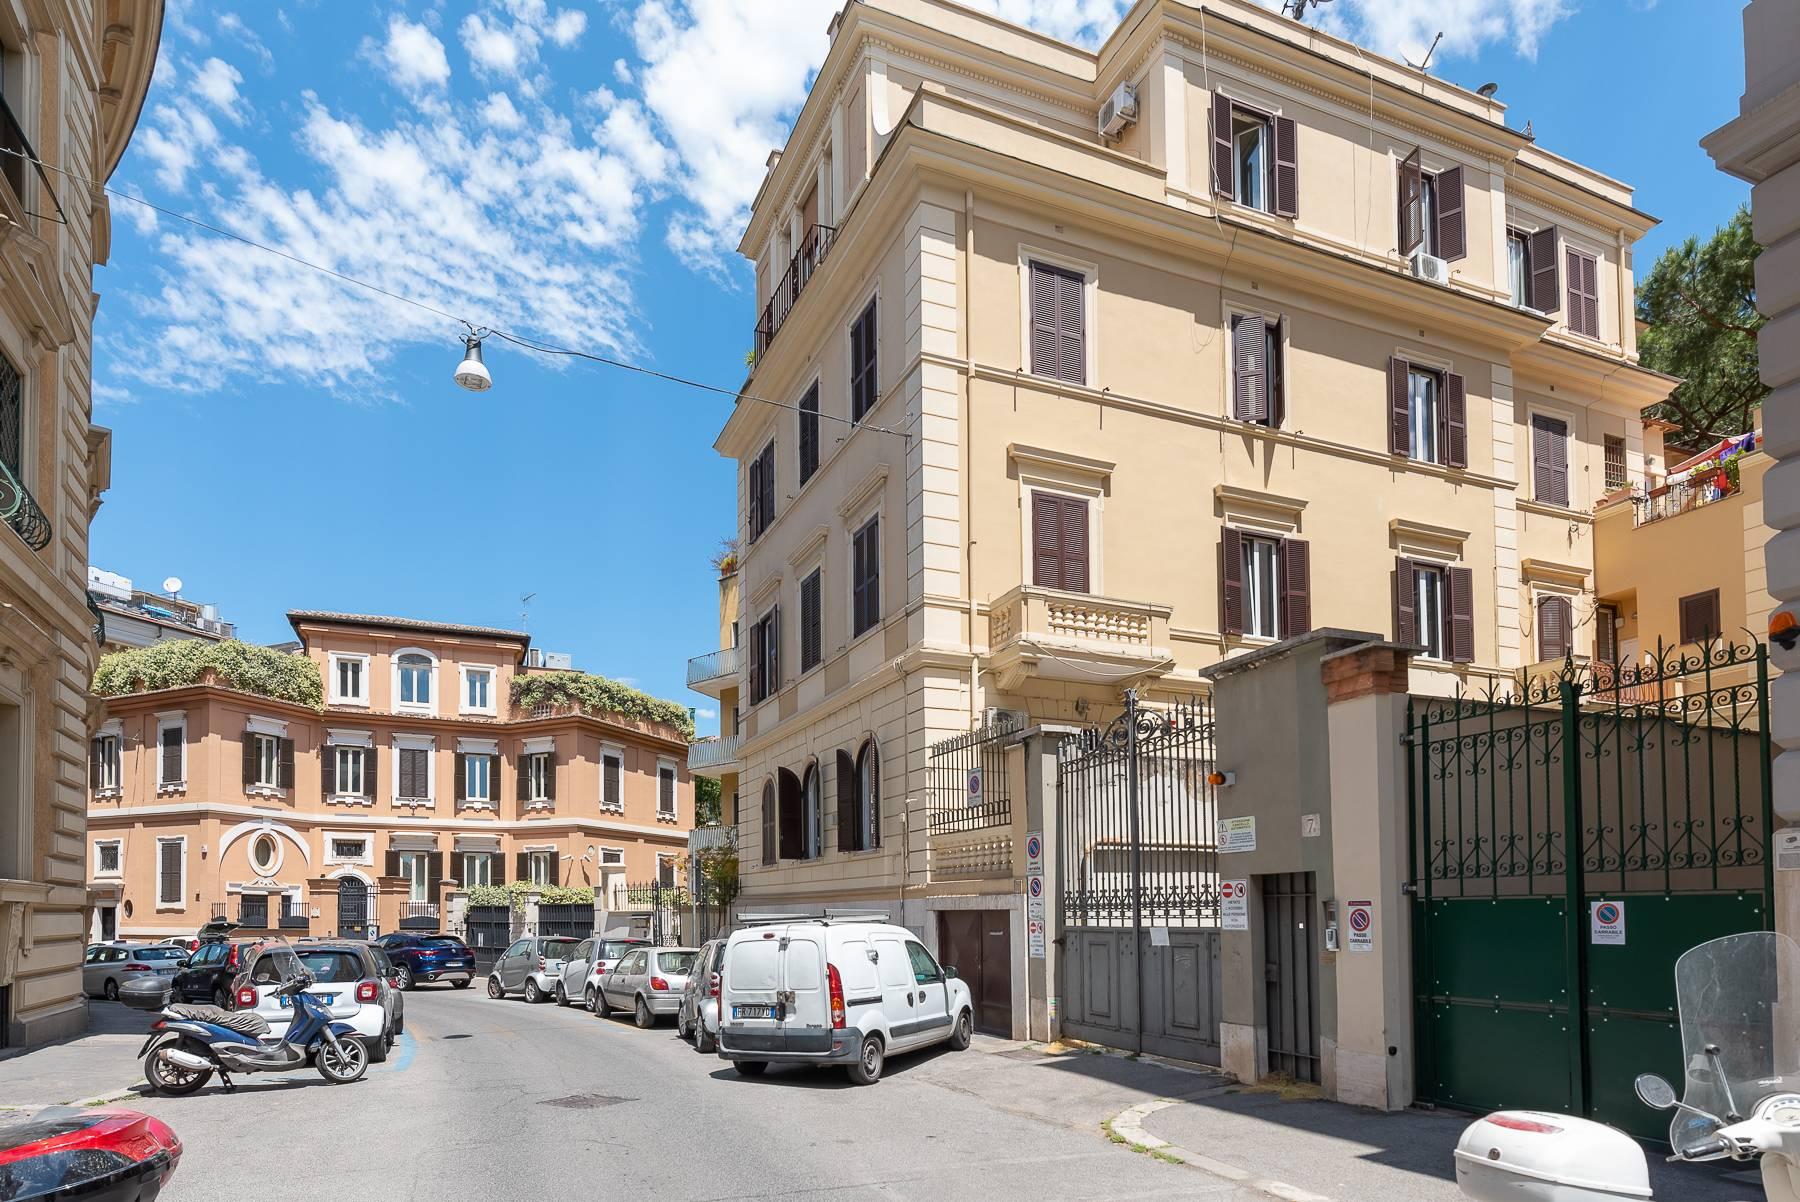 Ufficio-studio in Vendita a Roma 02 Parioli / Pinciano / Flaminio: 5 locali, 322 mq